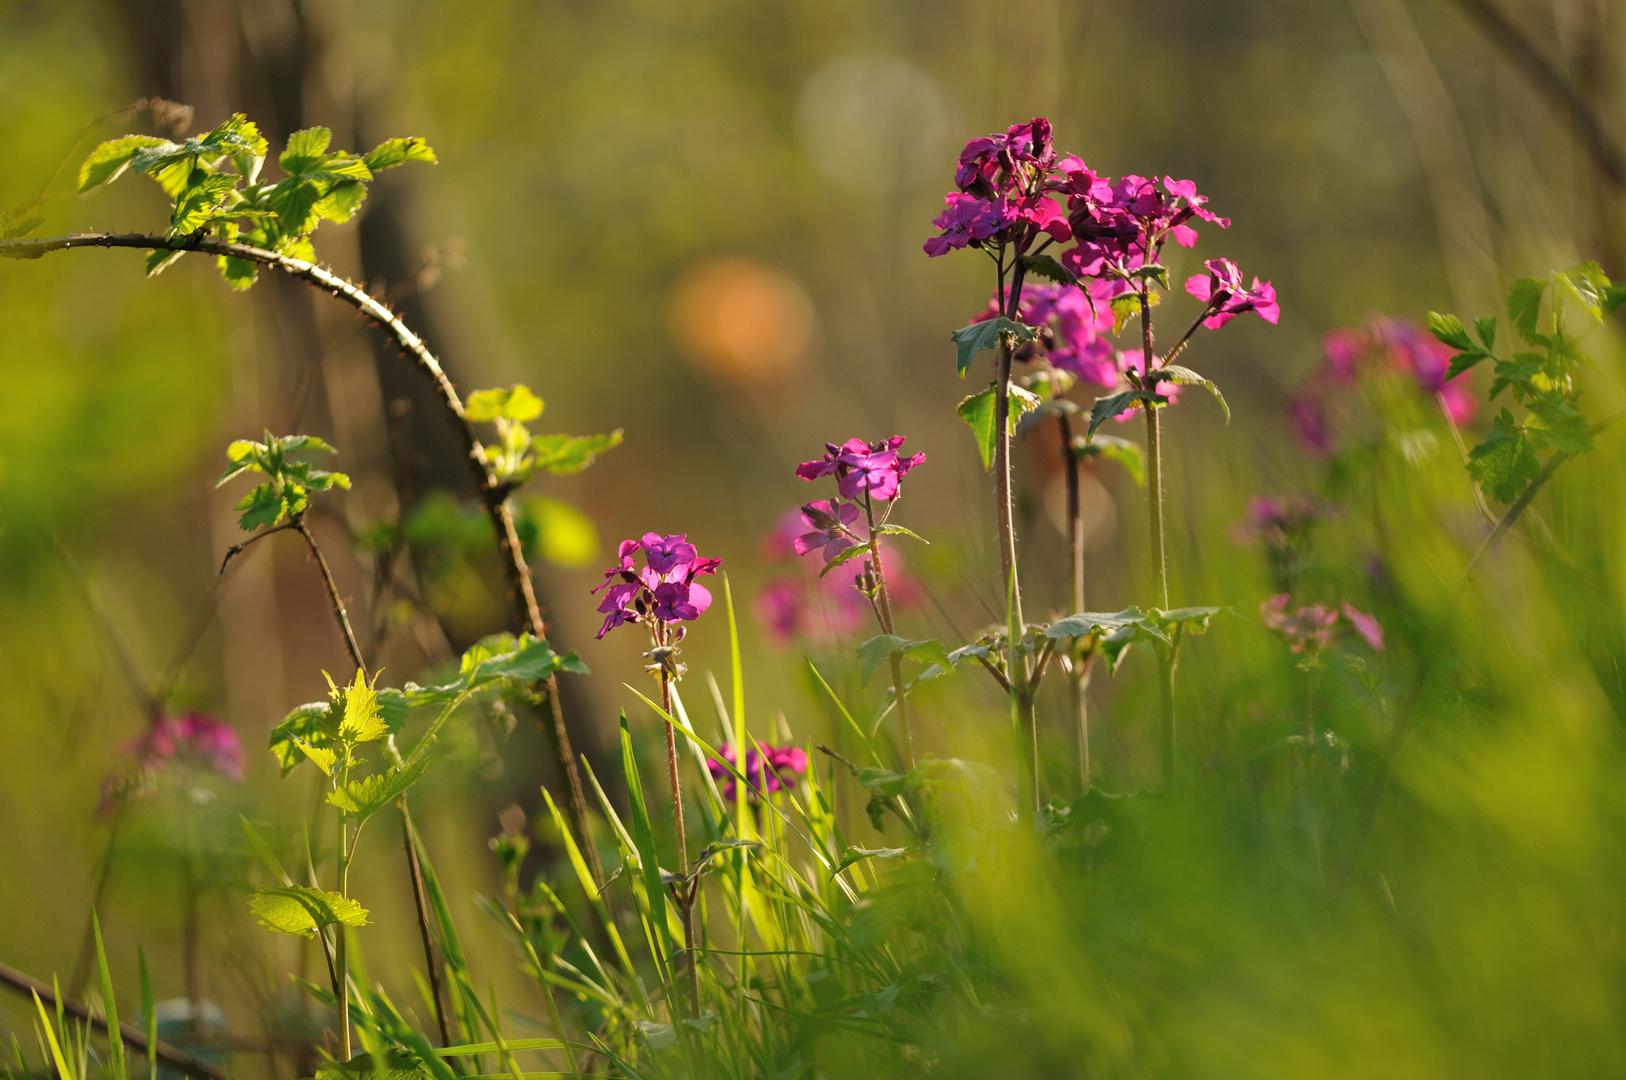 Waldblumen am Abend